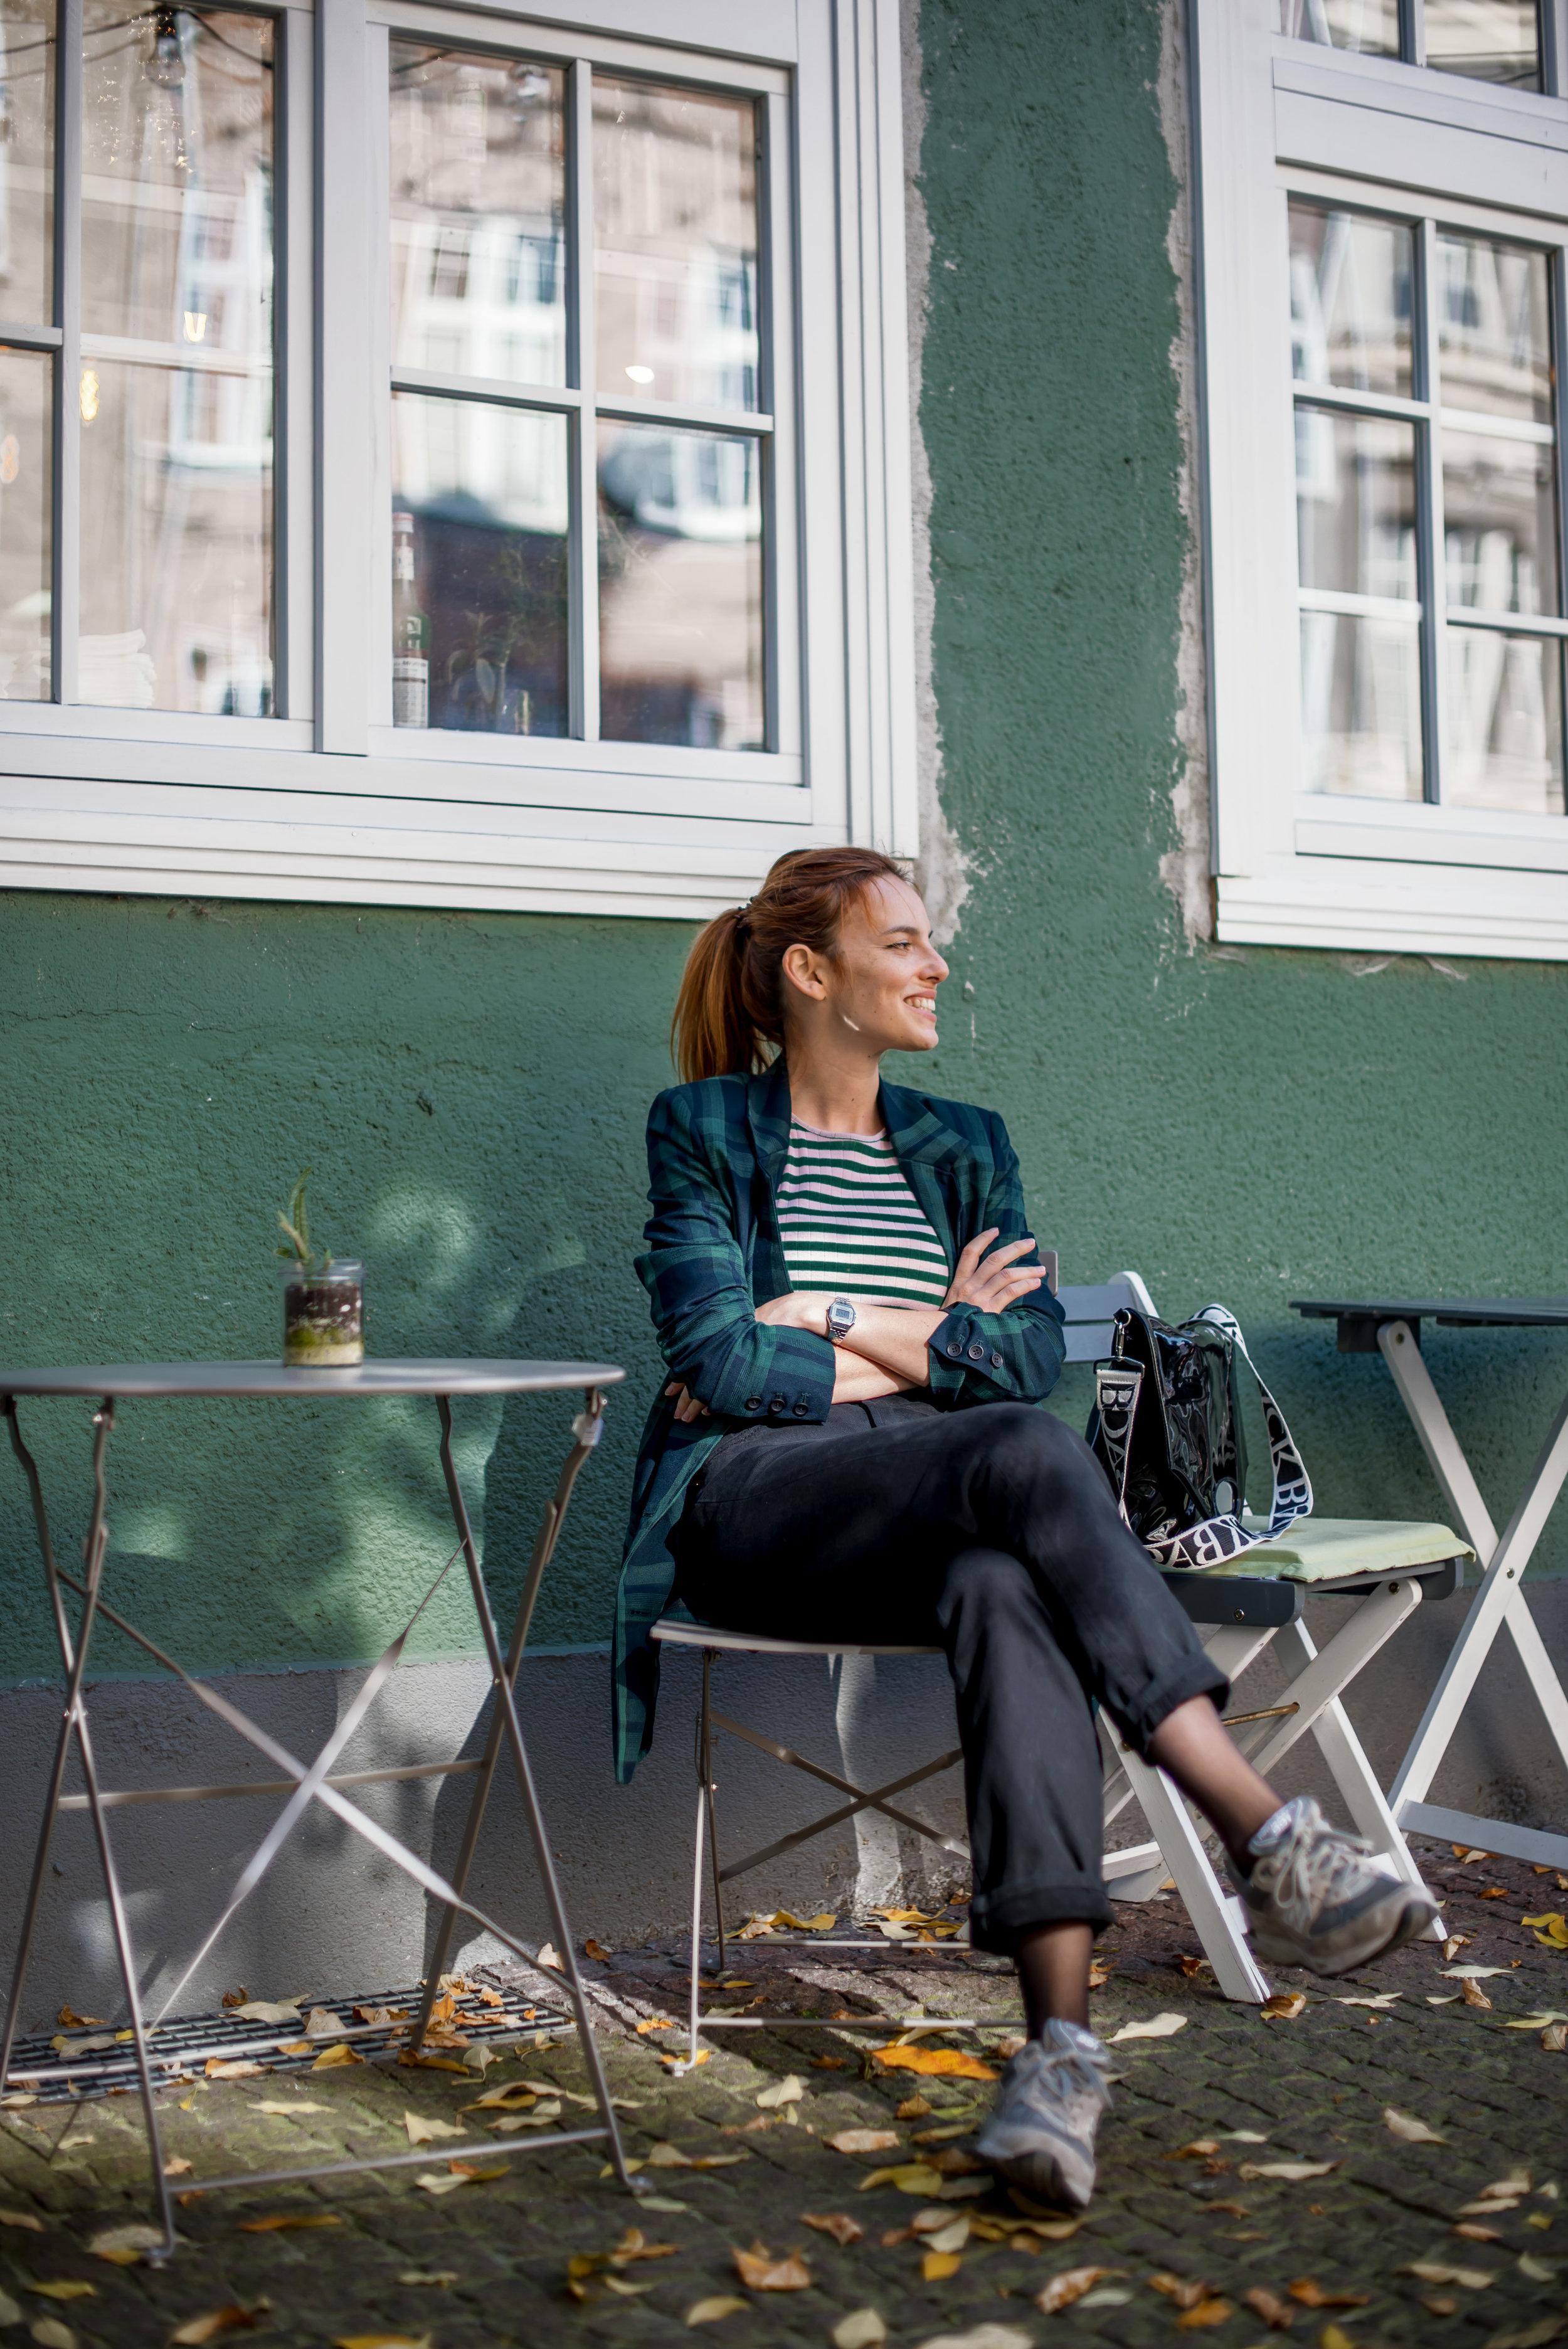 Gestuz blazer // Mads Norgaars top // New Balance sneakers